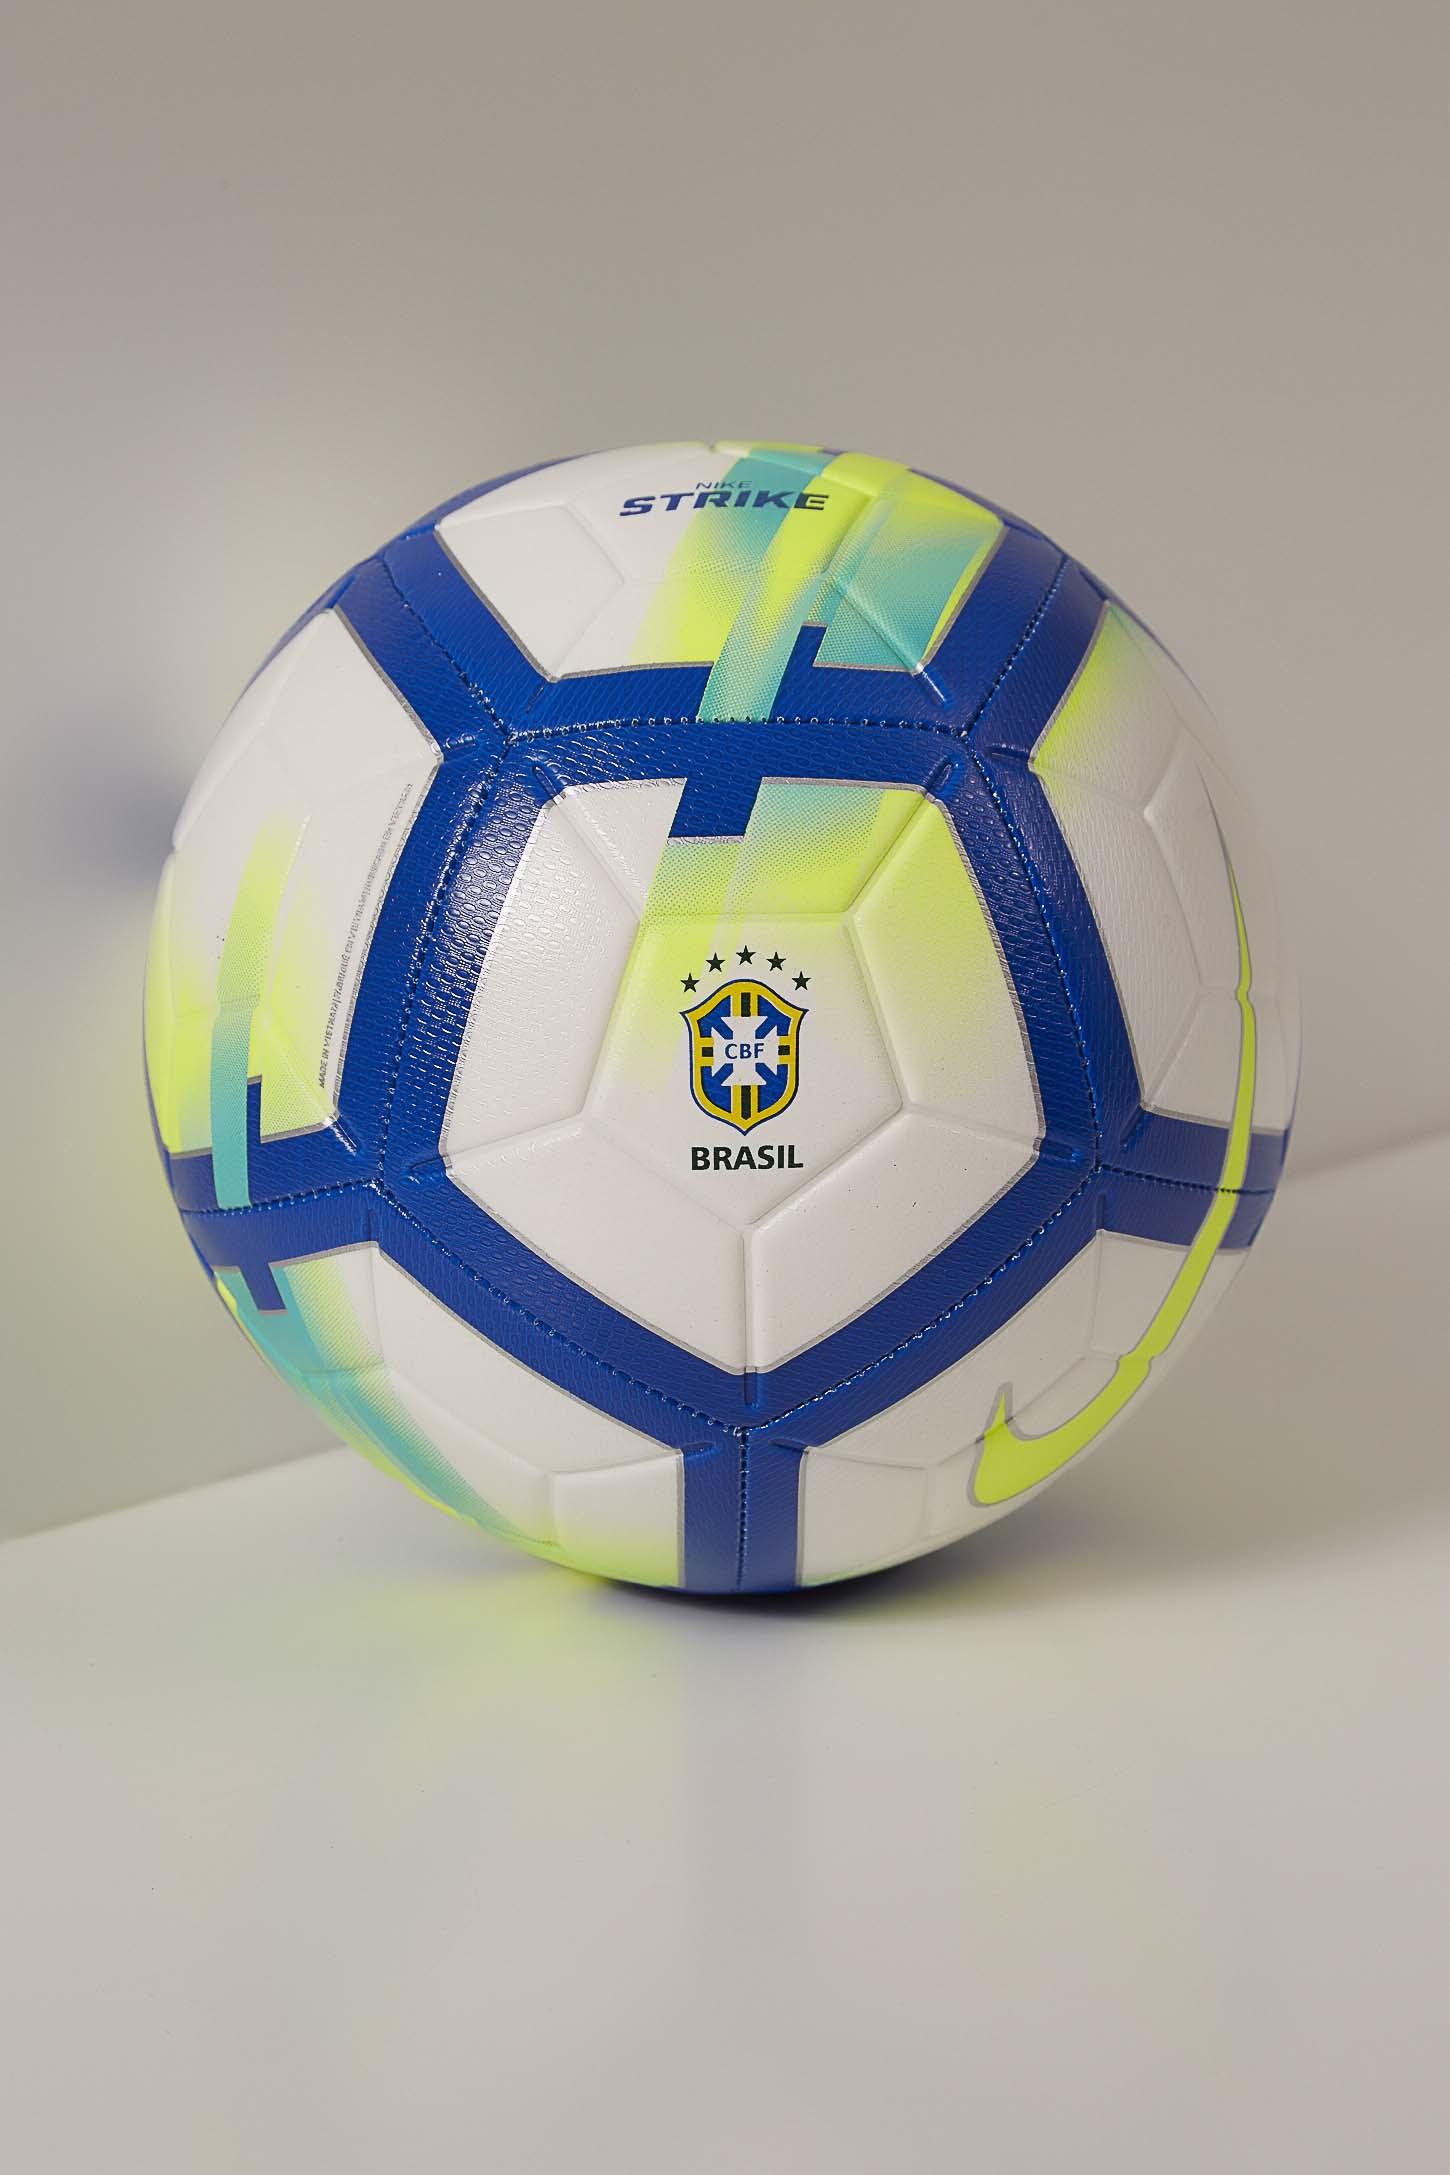 Bola-Futebol-Unissex-Brasil-Cbf-Strike-Branco